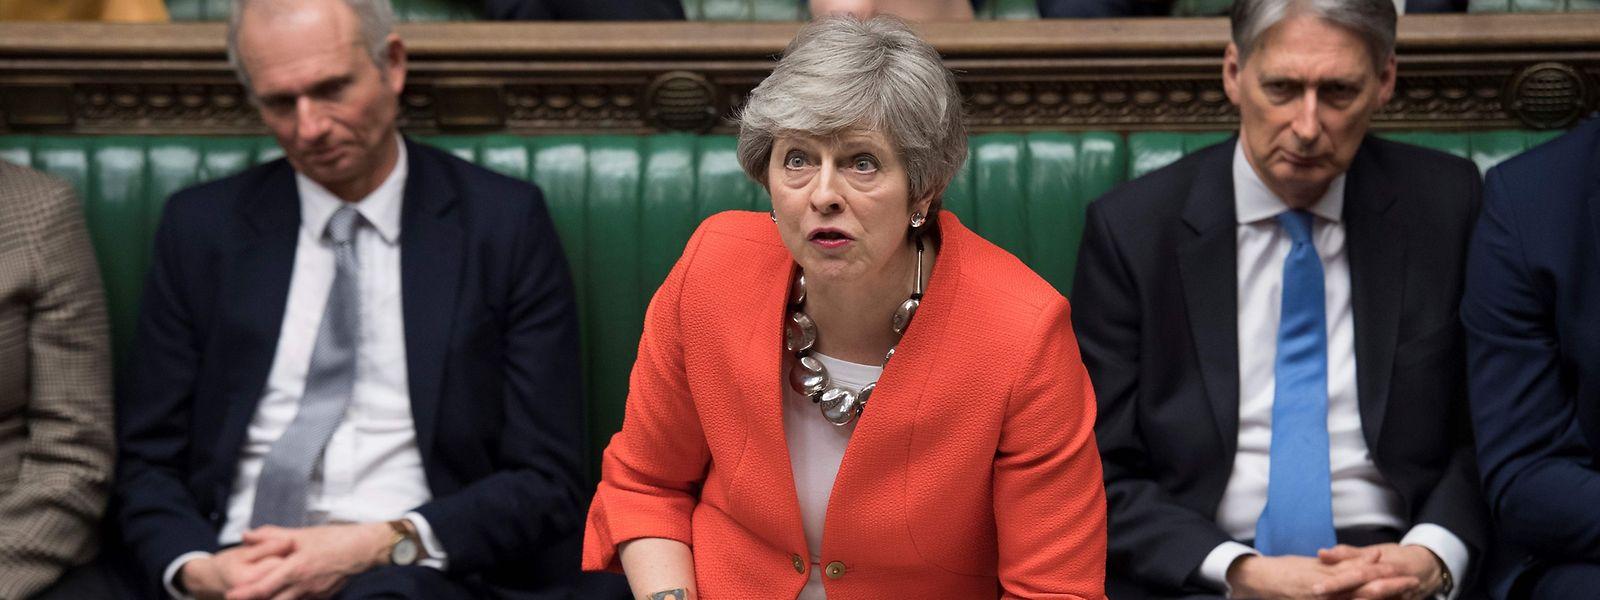 Nach dem Votum von Dienstag hersscht Ratlosigkeit. nicht nur in London.